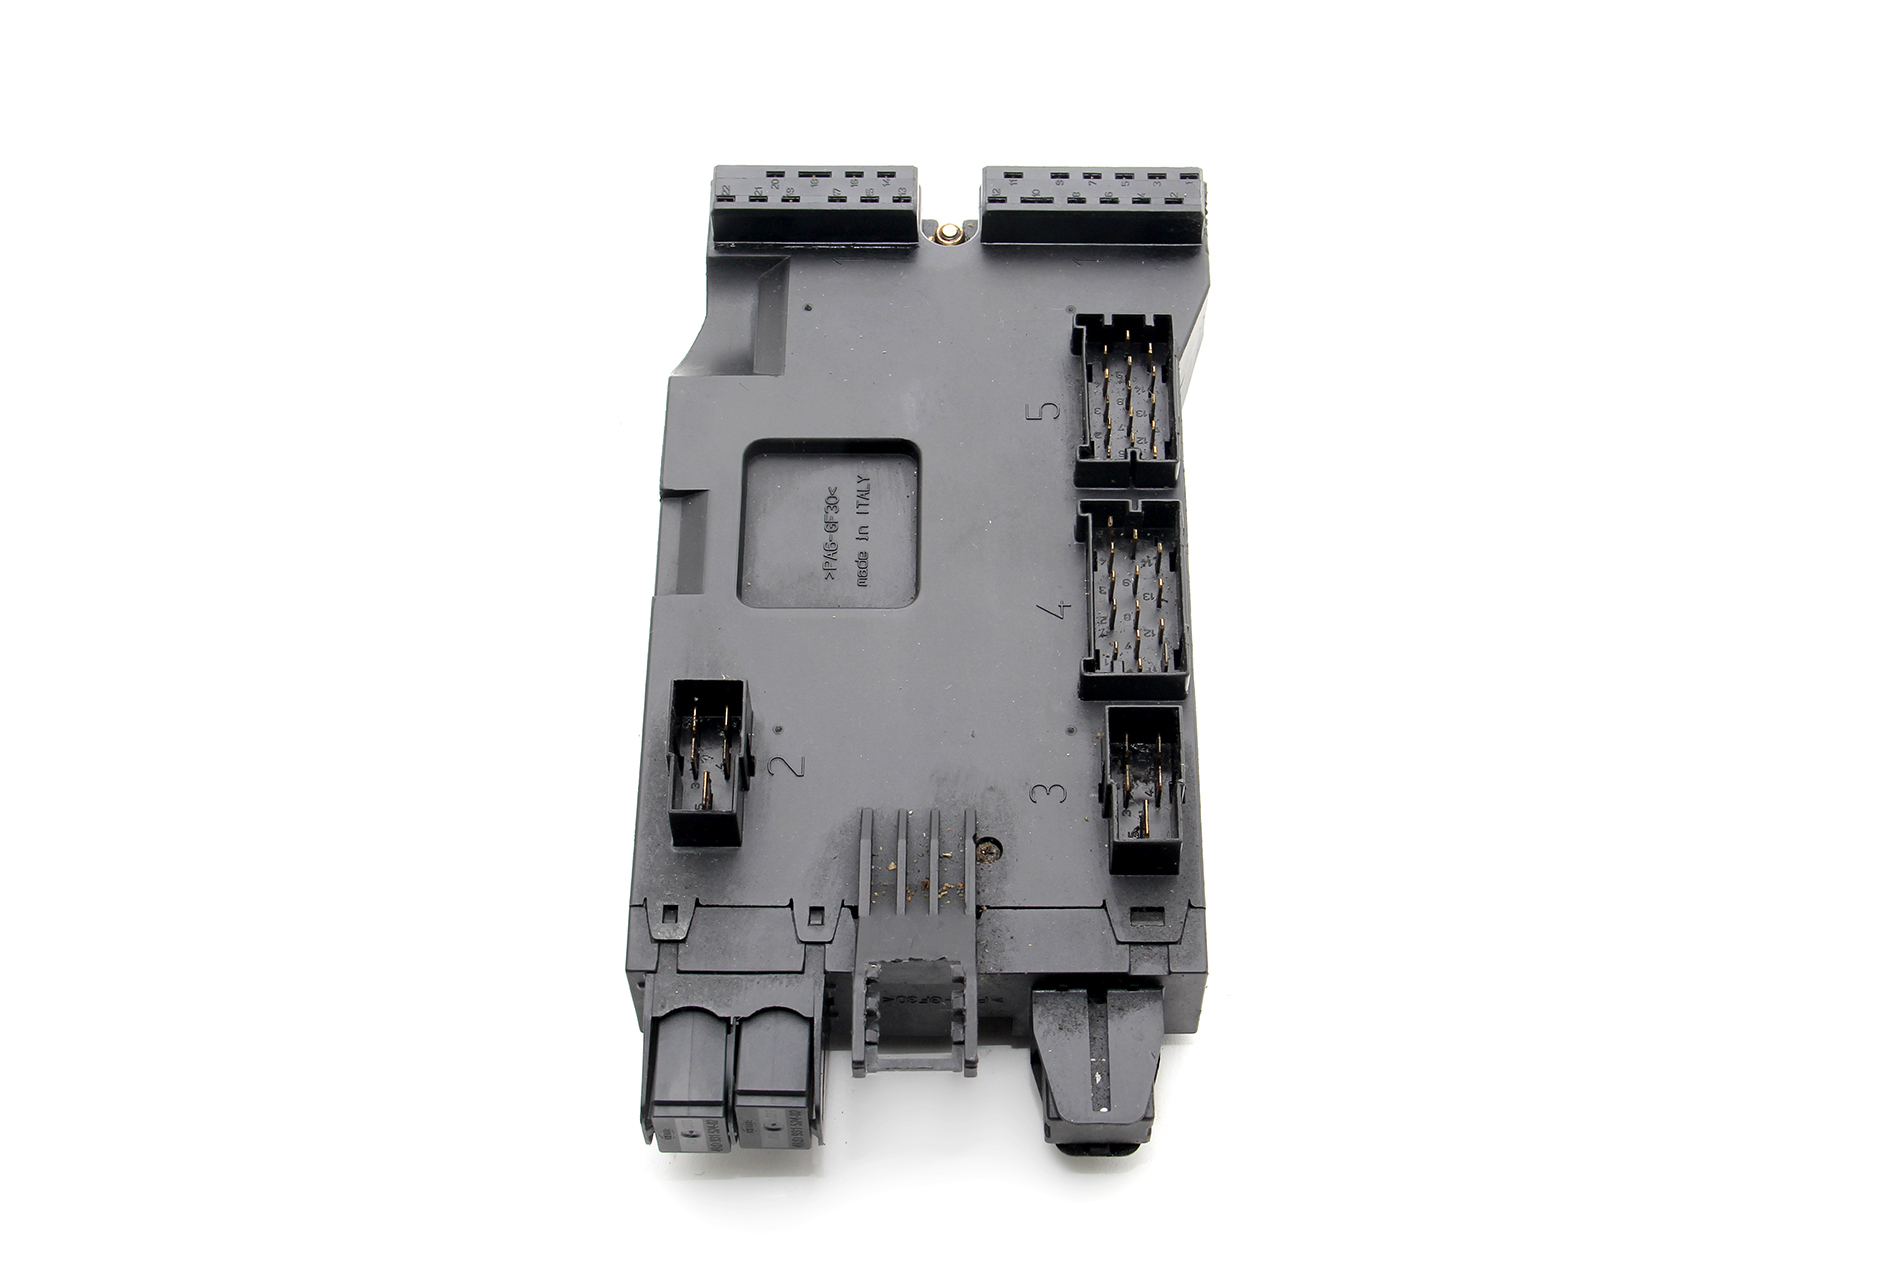 dodge sprinter 2500 interior fuse box a9015400150 oem 02. Black Bedroom Furniture Sets. Home Design Ideas